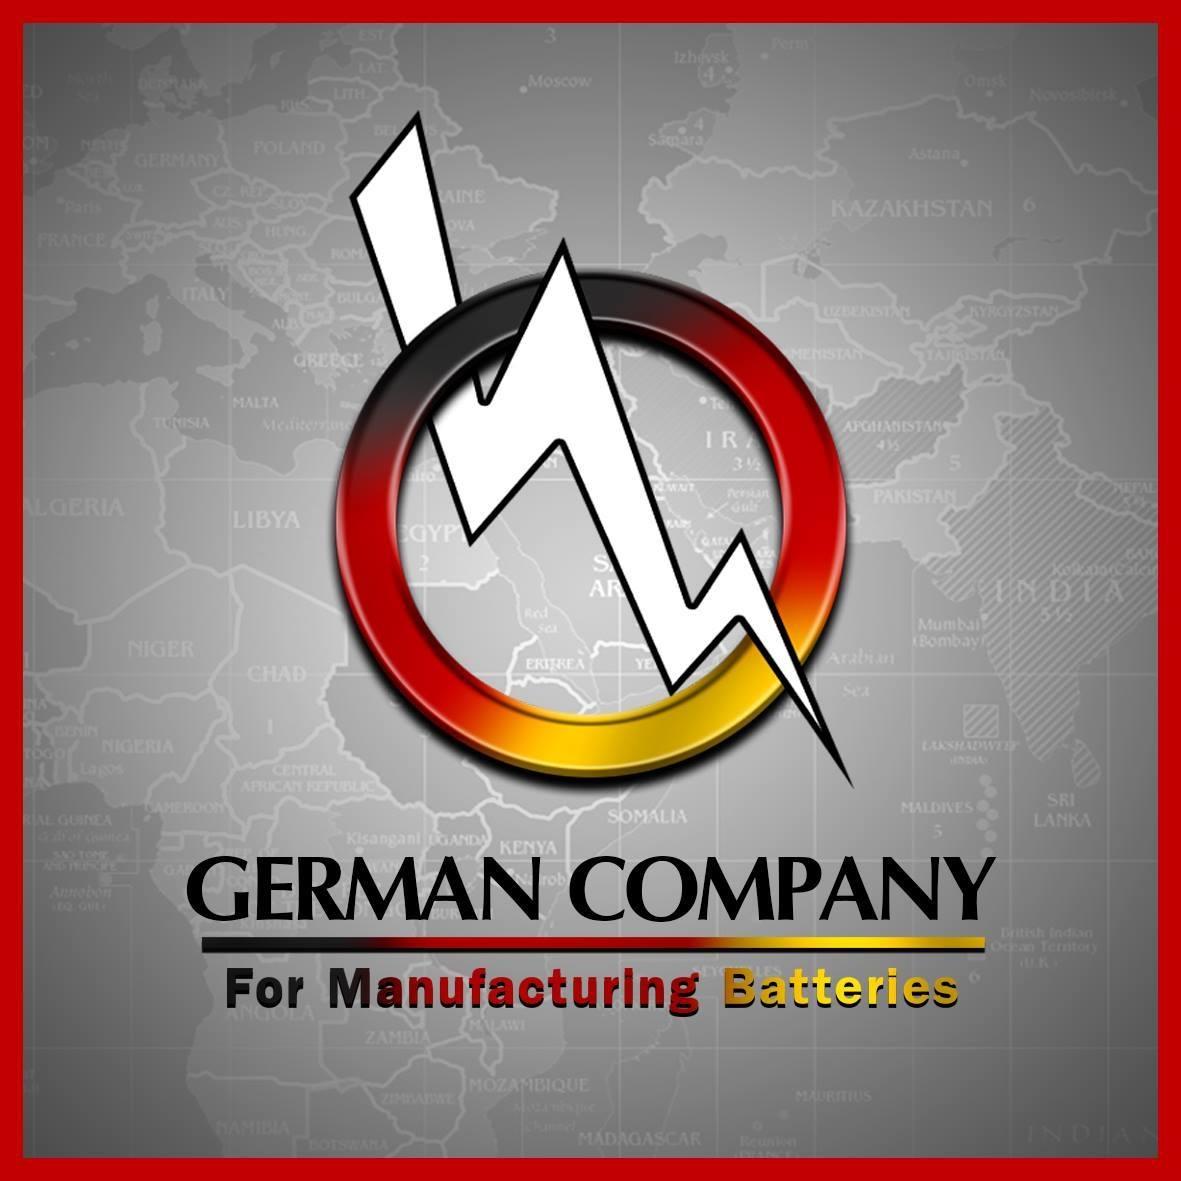 الشركة الألمانية لصناعة البطاريات